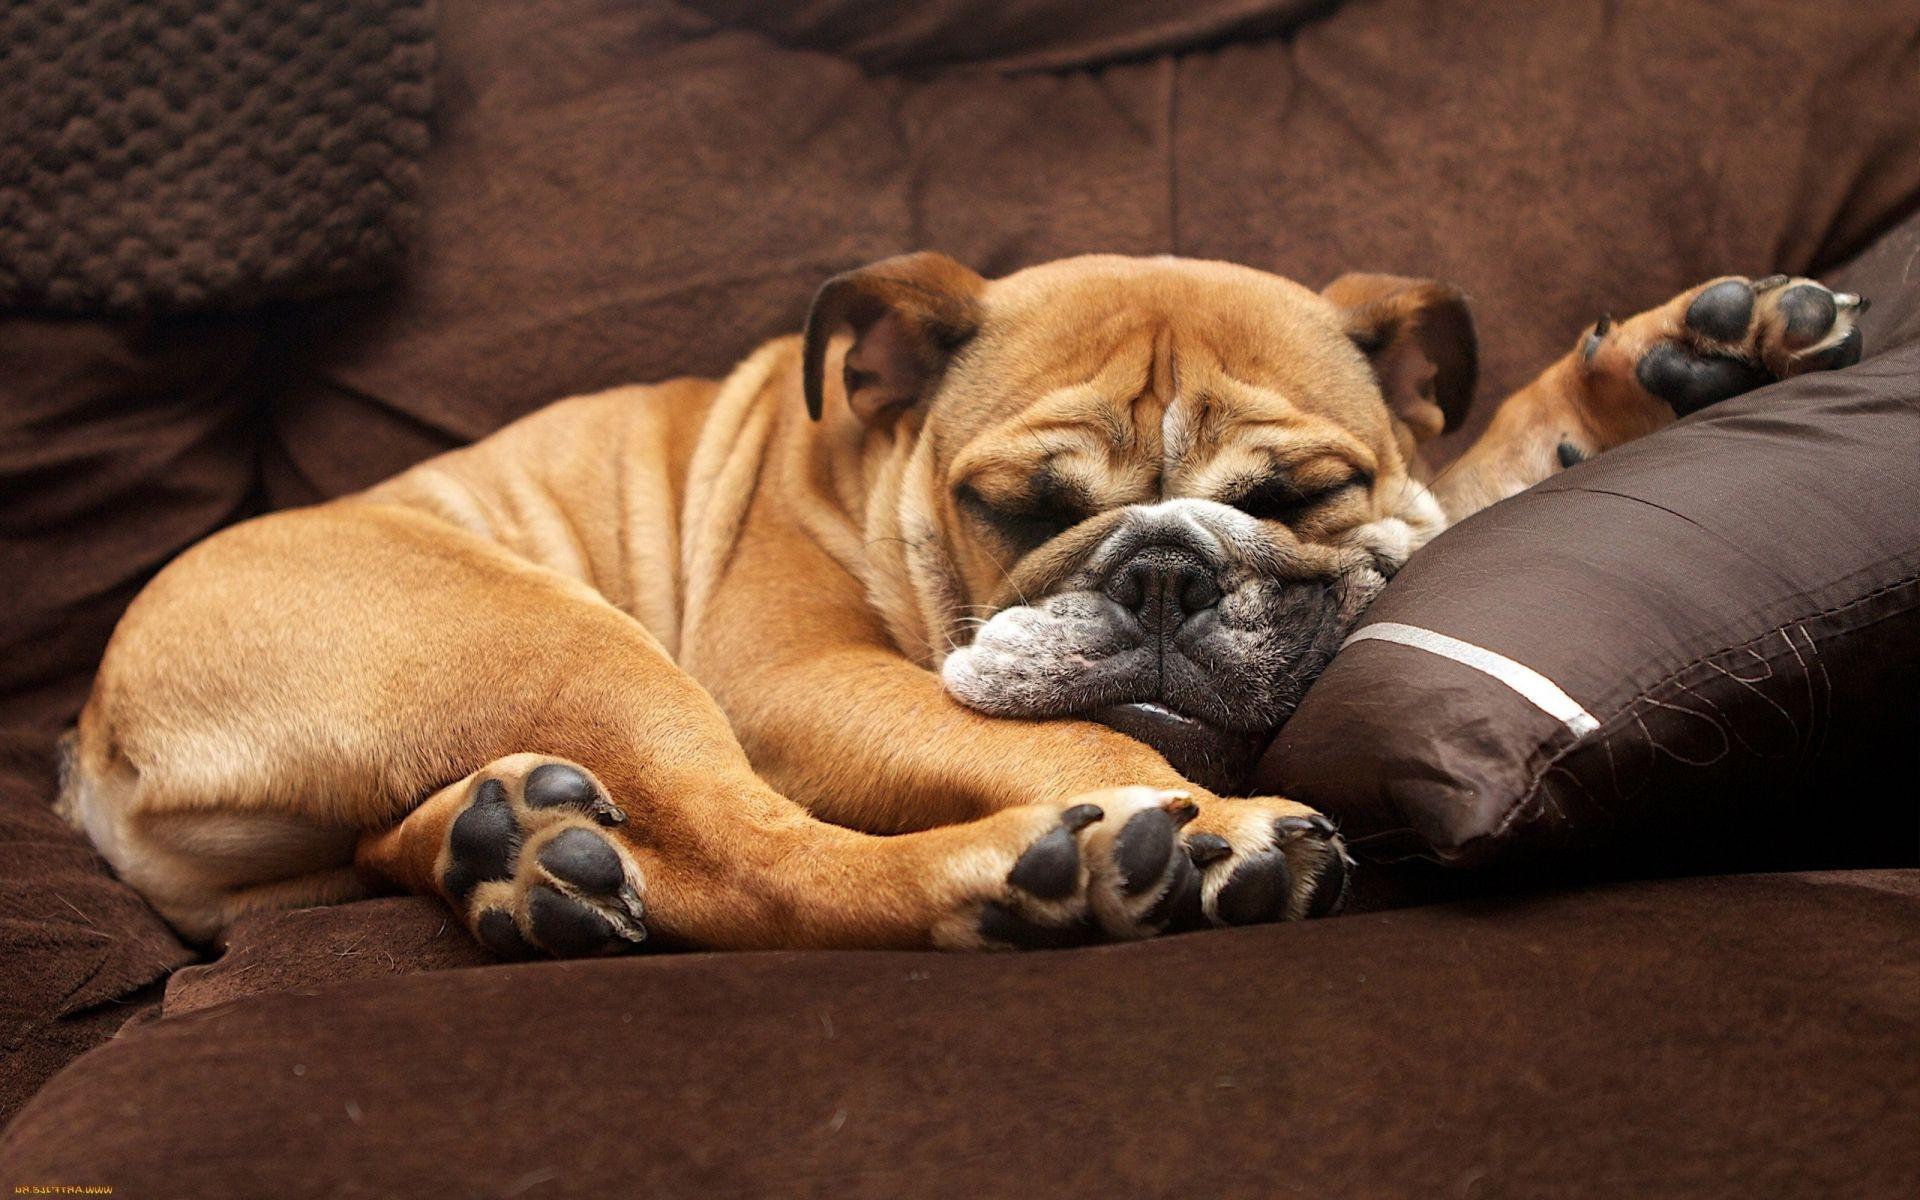 Картинки смешных животных спящих, старой